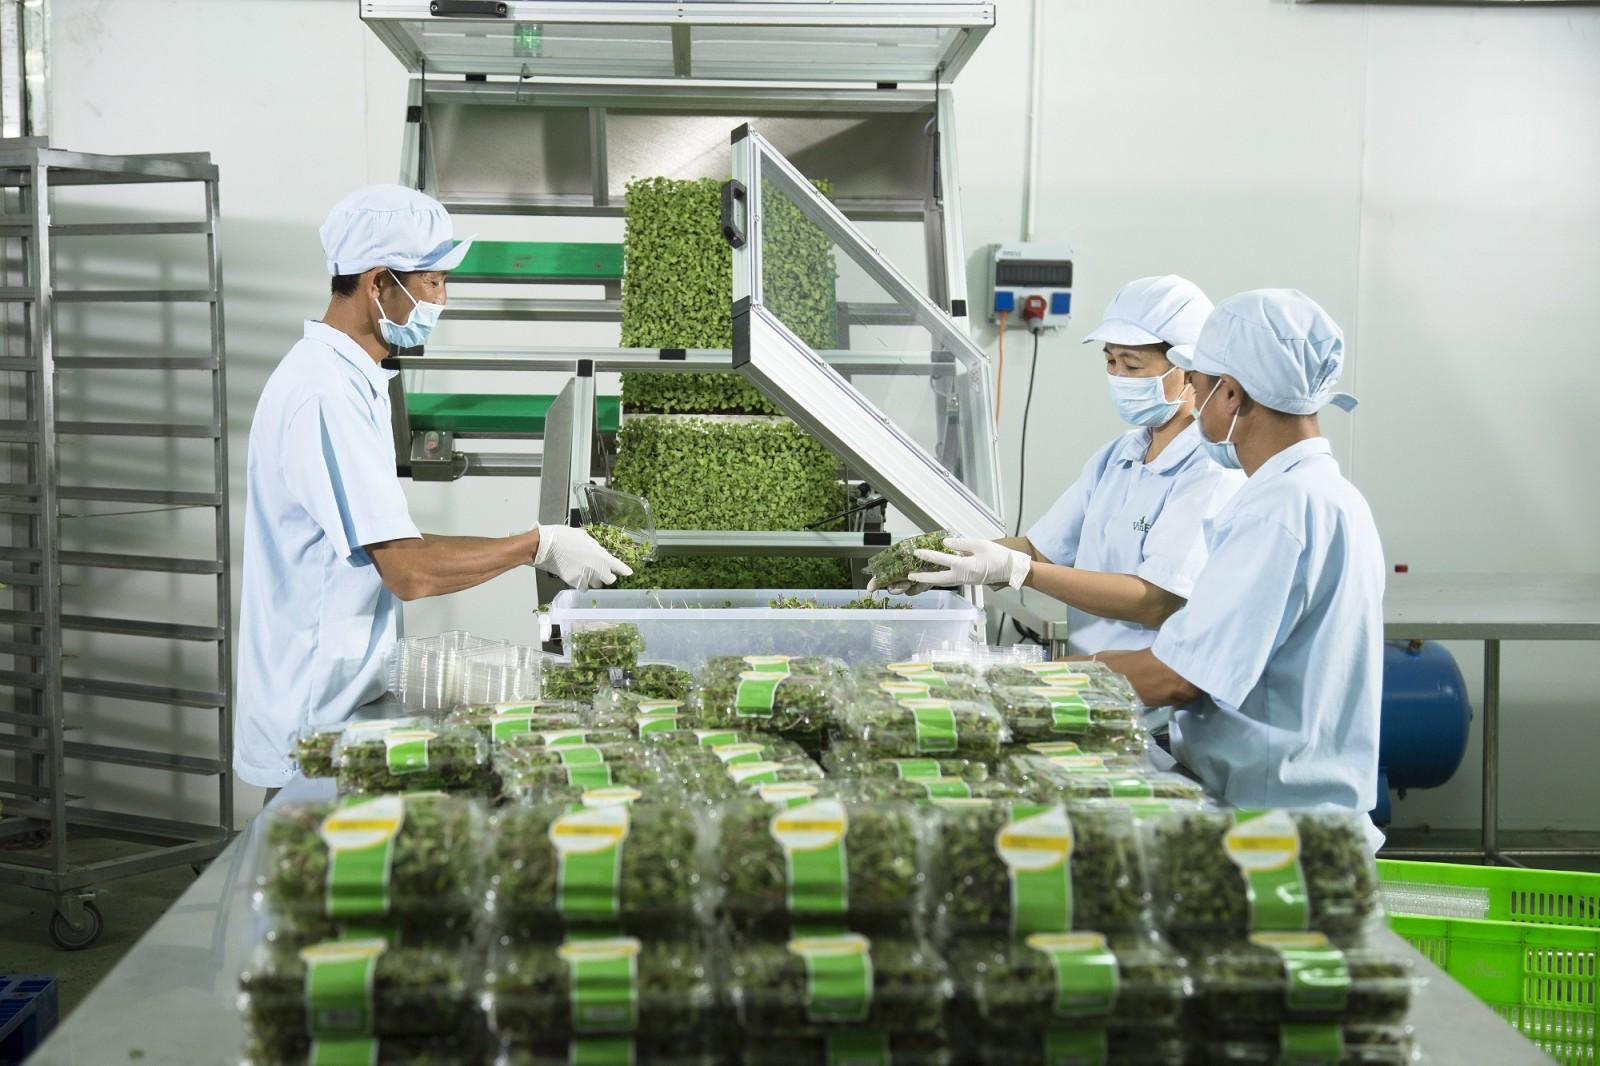 hiệu quả thu hút doanh nghiệp đầu tư vào nông nghiệp, còn